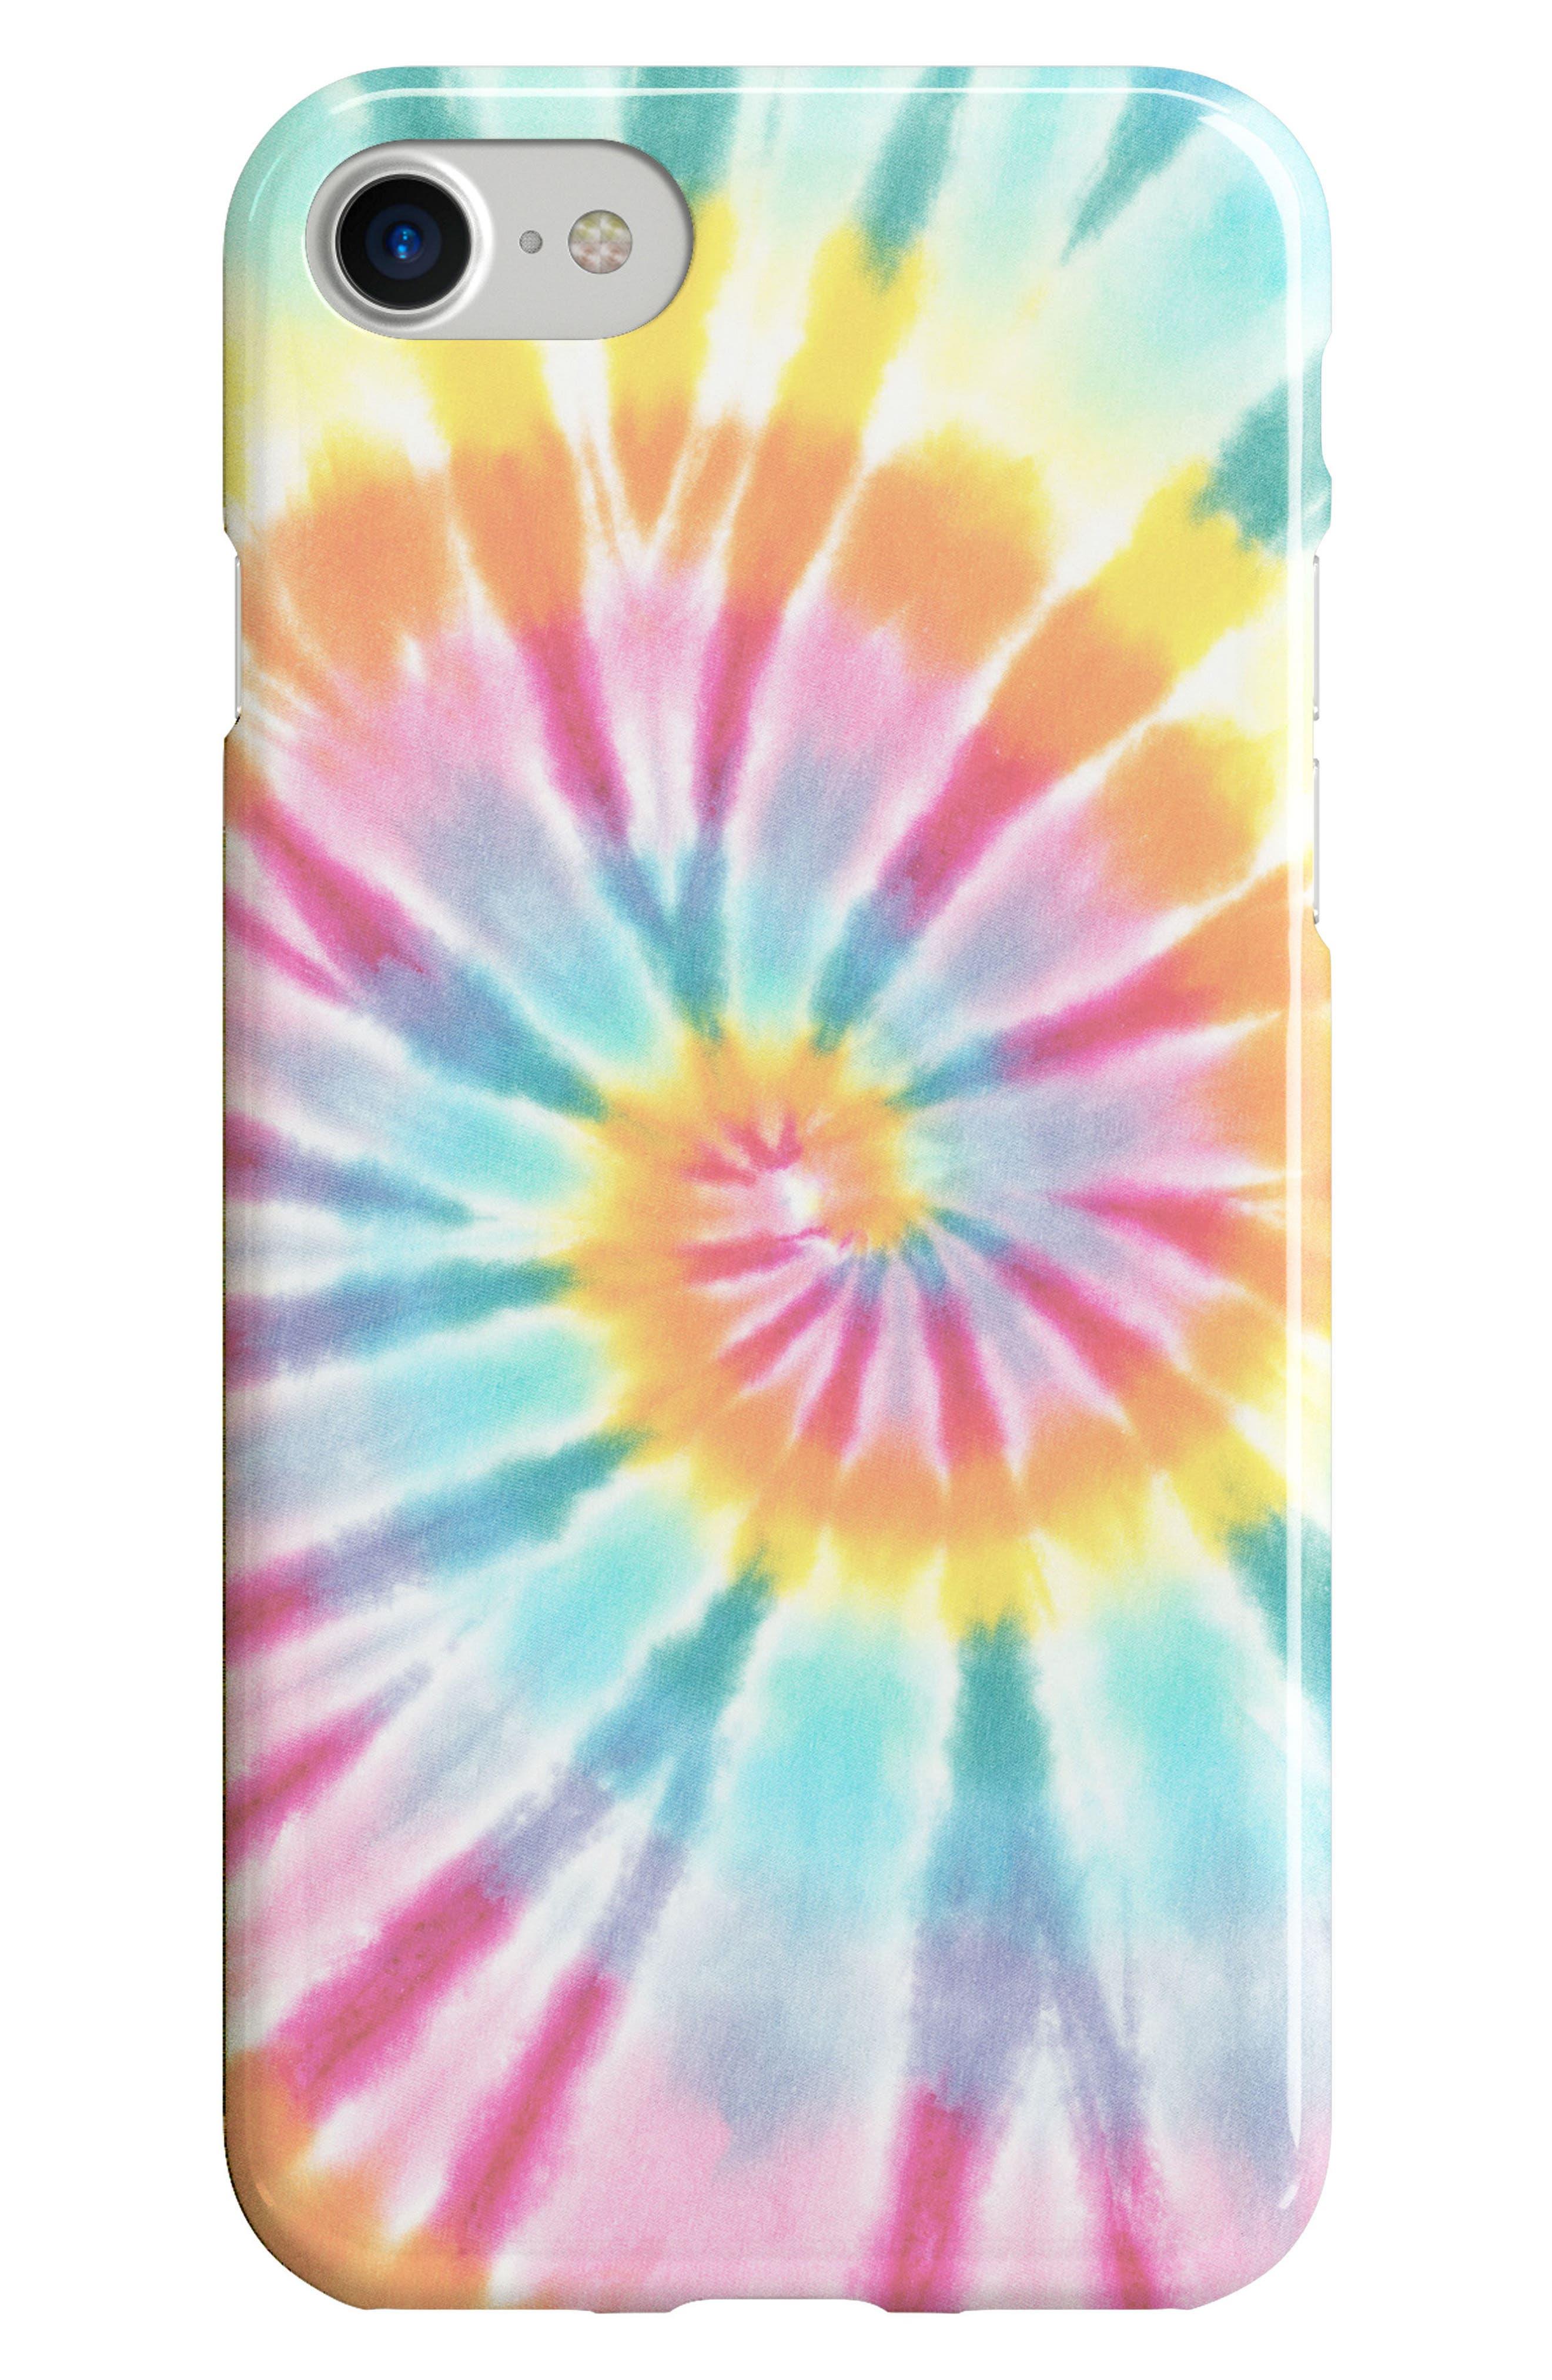 Tie Dye iPhone 6/6s/7/8 Case,                             Main thumbnail 1, color,                             Multi